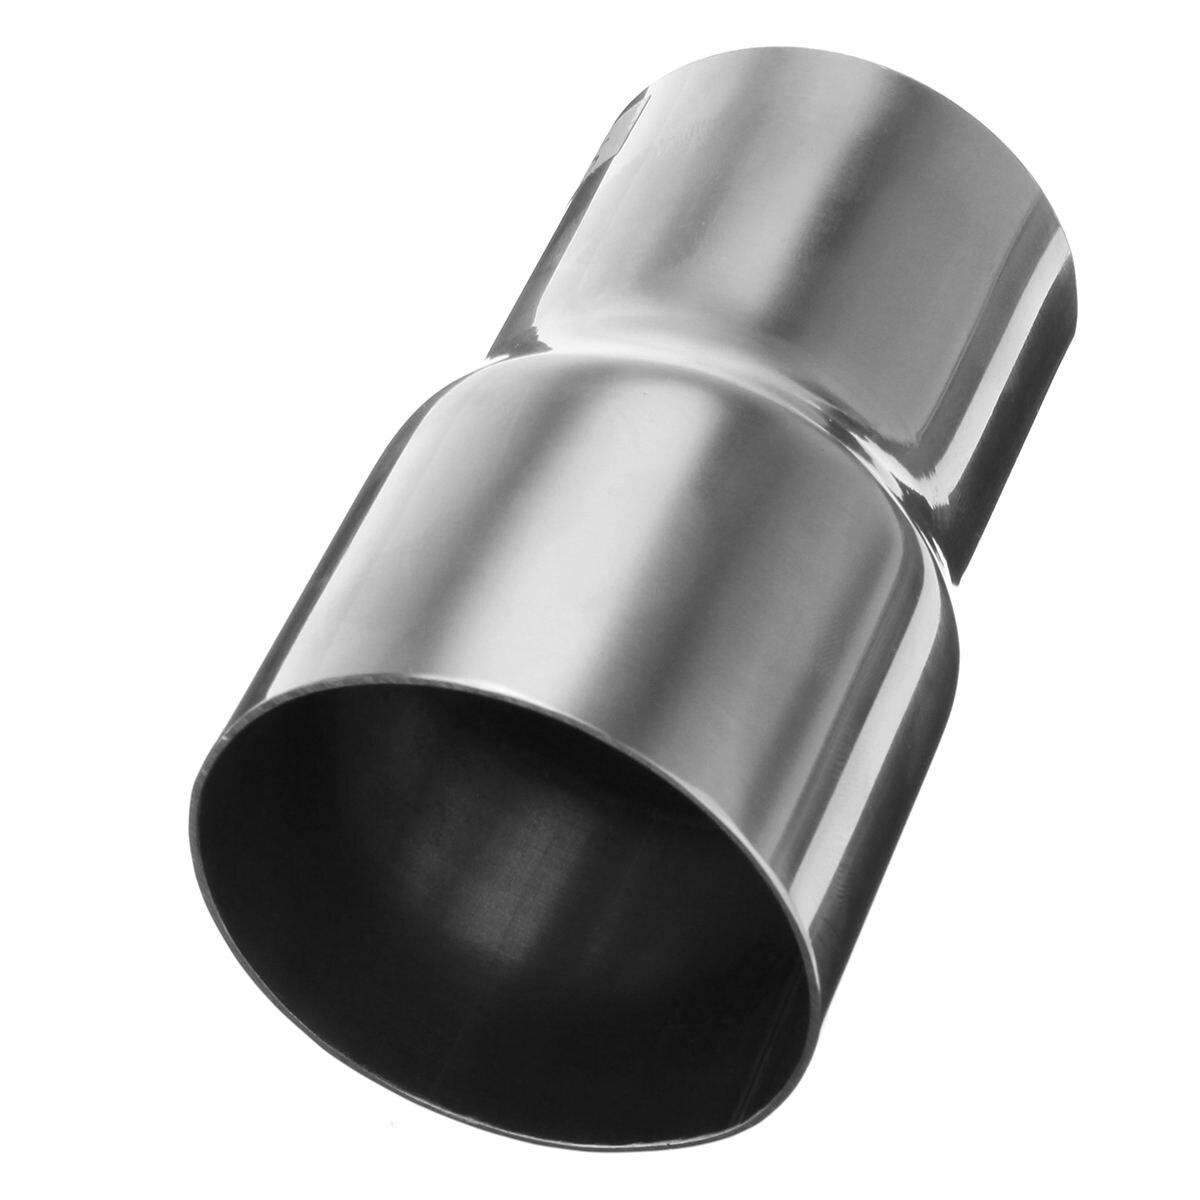 6 tamanho universal carro de aço inoxidável padrão redutor de escape conector tubo 76mm 63mm 60mm a 63mm 57mm 52mm 50mm